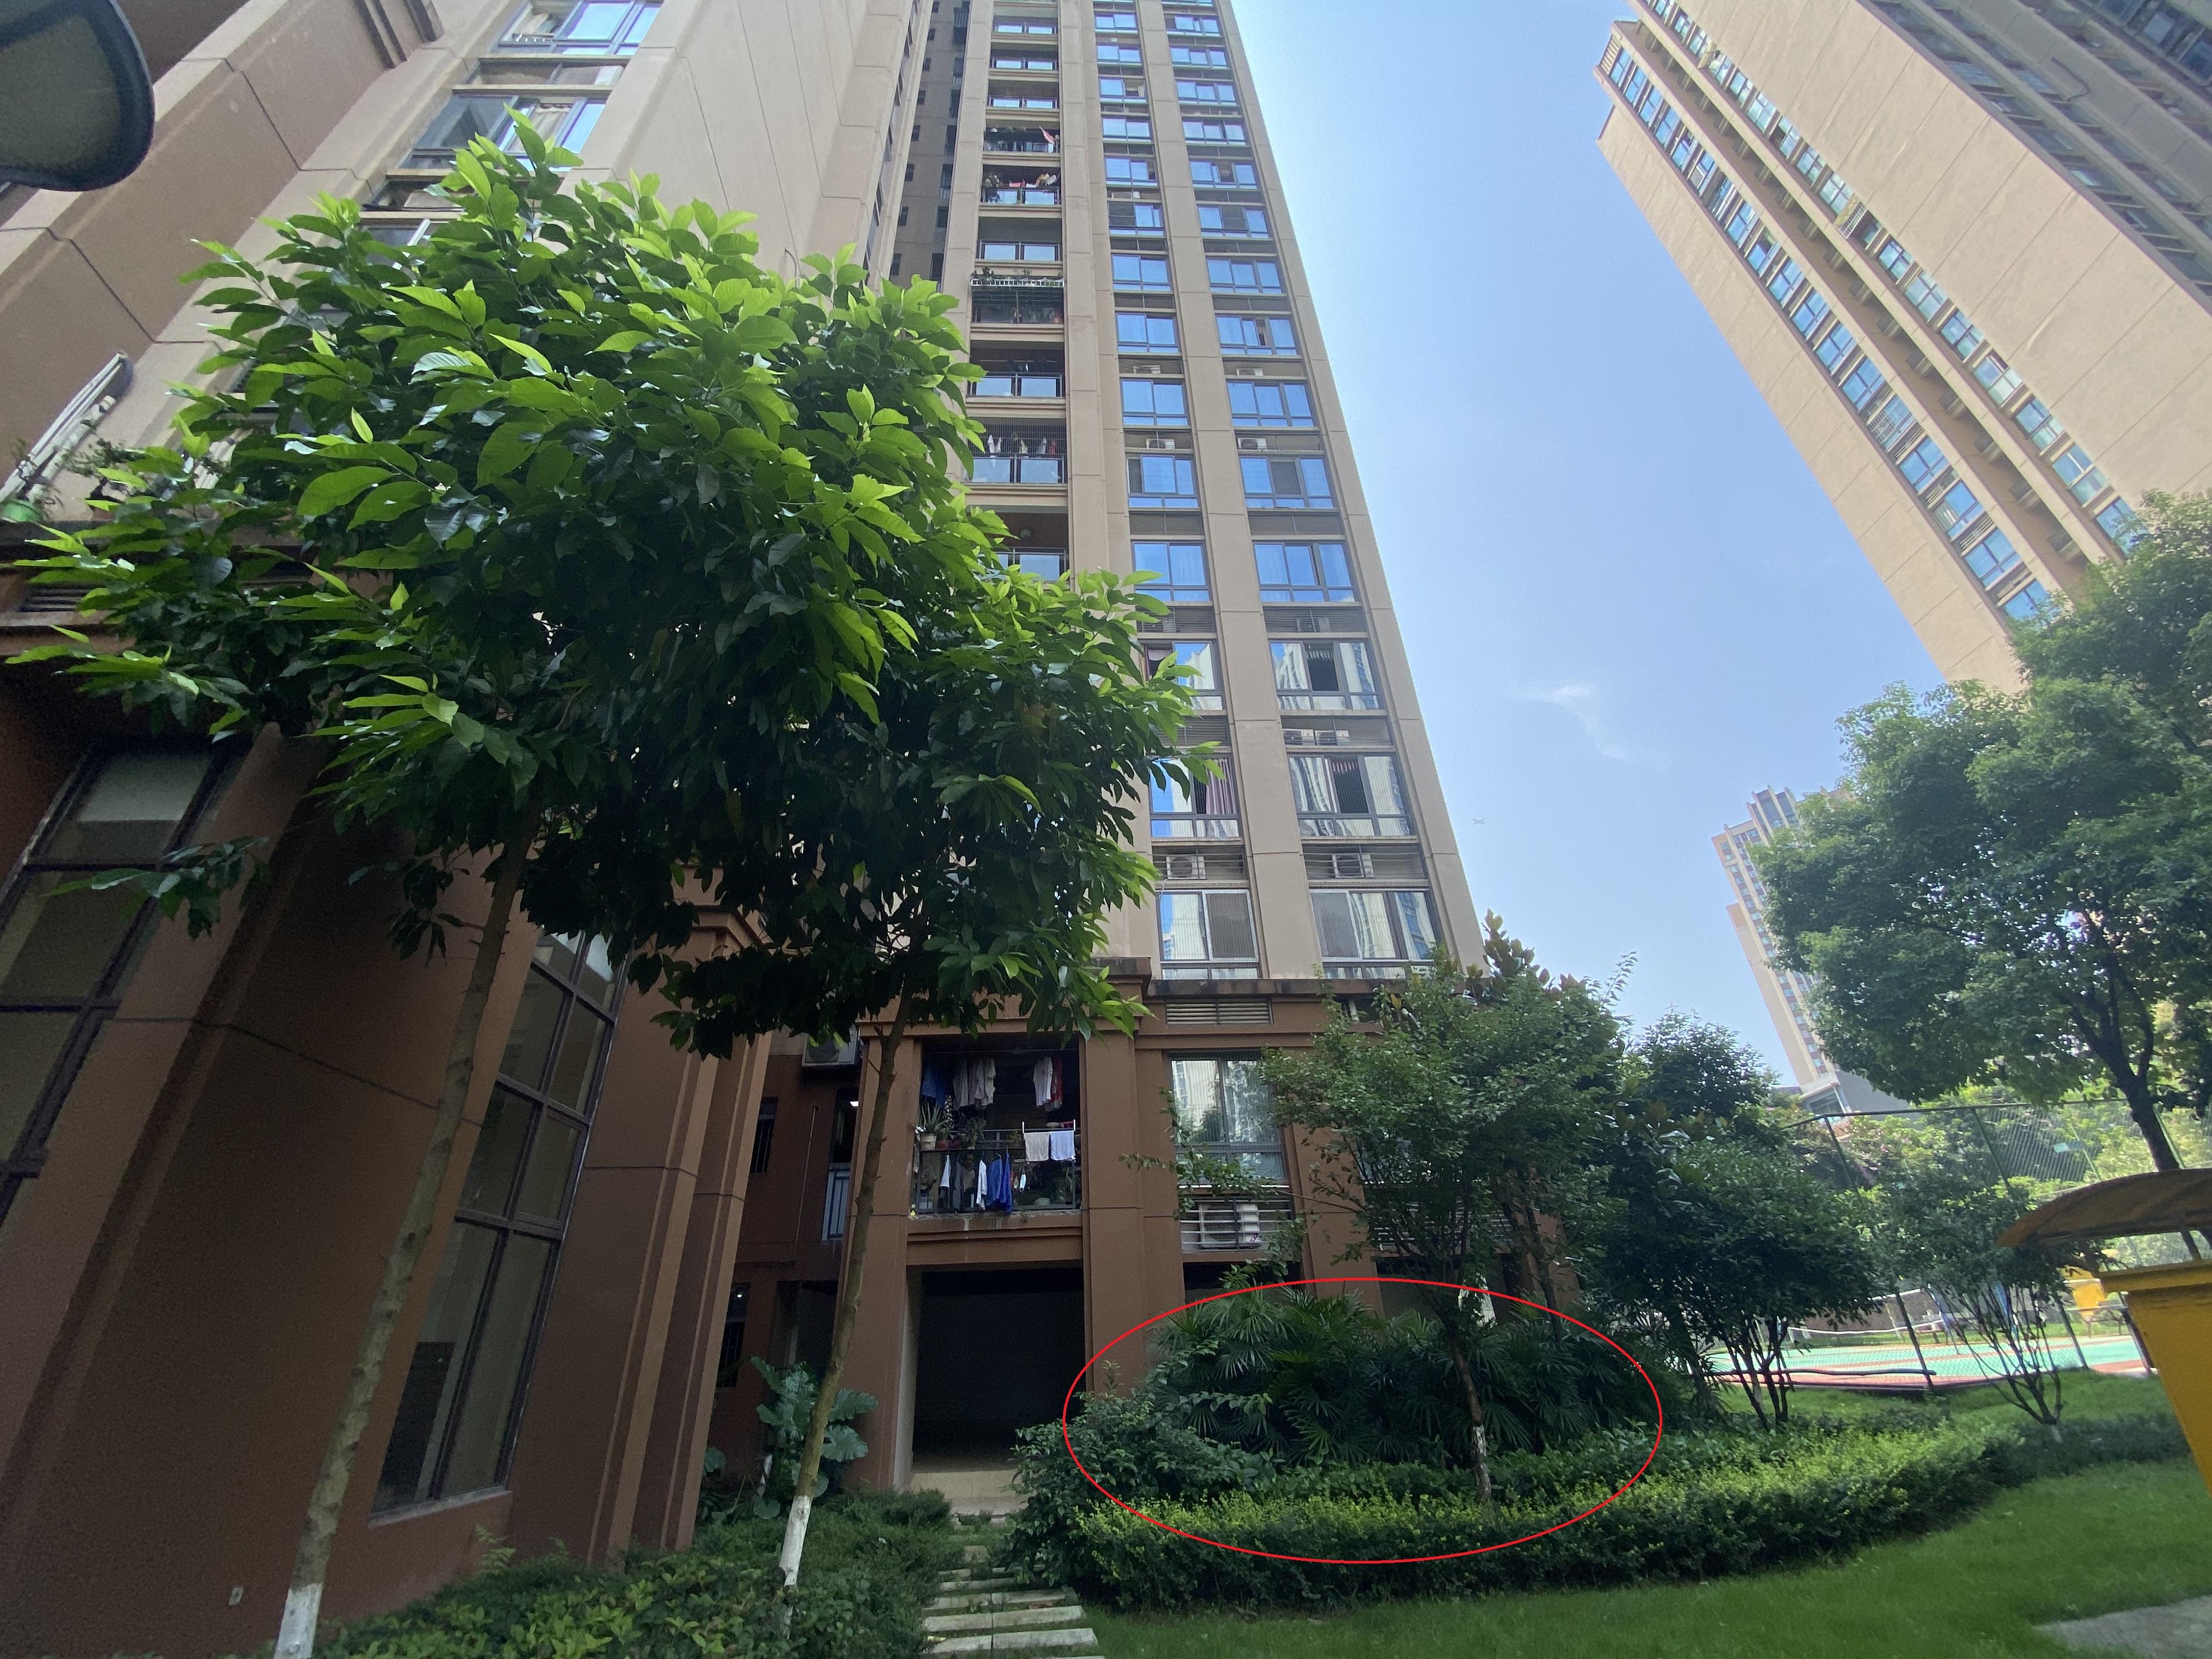 2020年11月2日,2名幼童从重庆南岸区锦江华府4栋15楼坠下(红圈处),检方指控孩子父亲涉嫌故意杀人。 澎湃新闻记者 谢寅宗 图